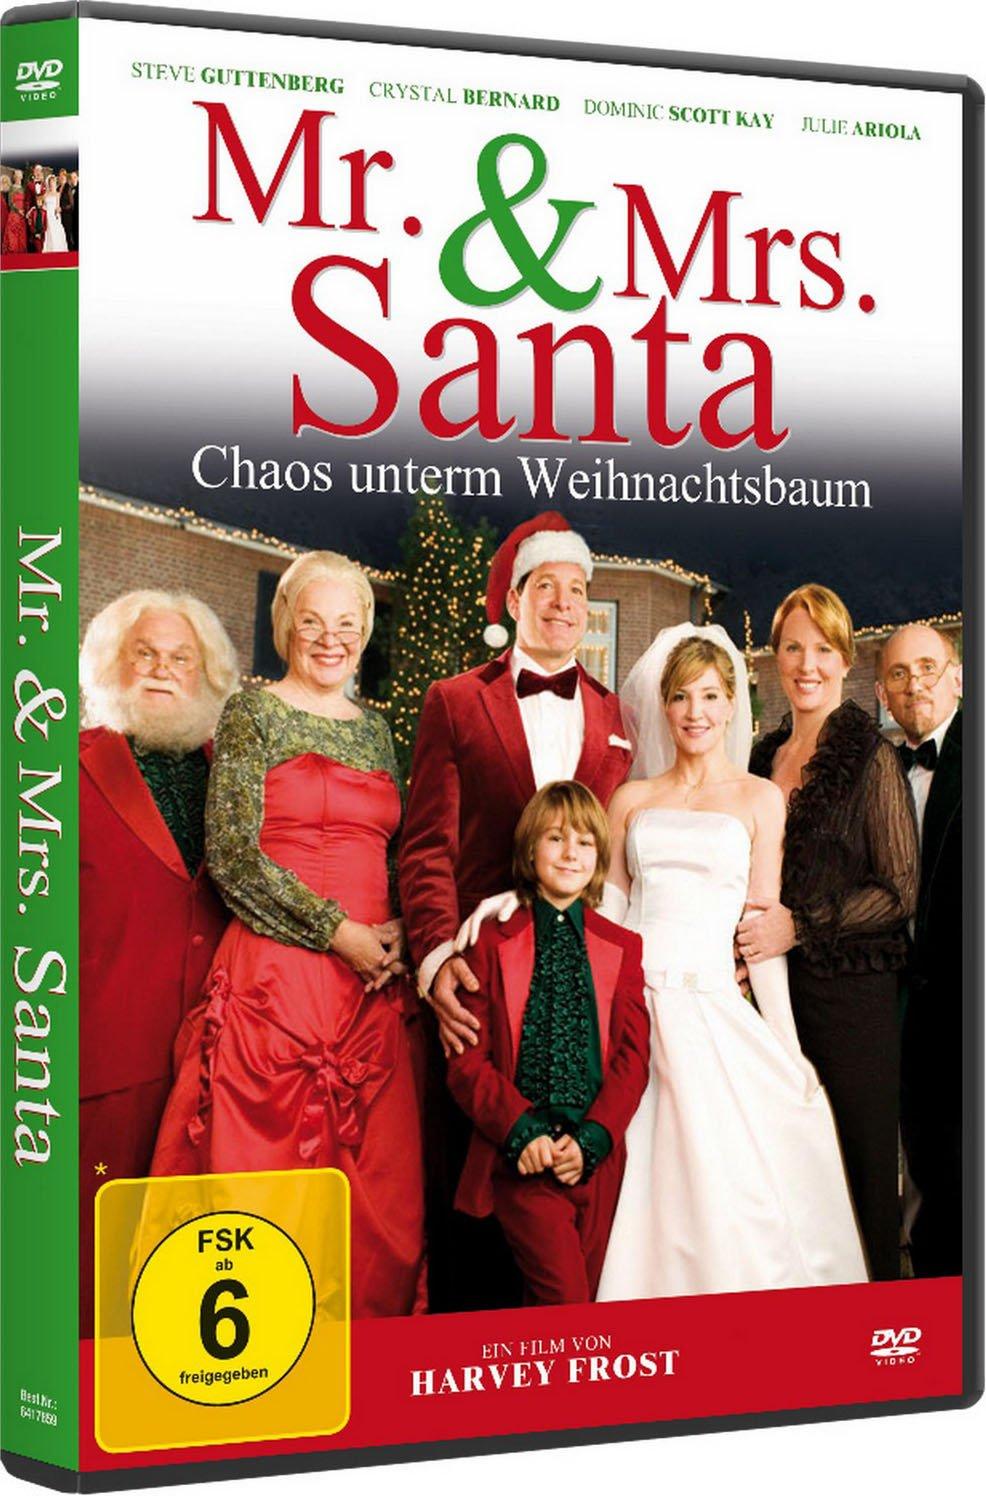 Mr. & Mrs. Santa - Chaos unterm Weihnachtsbaum: Amazon.de: Steve ...